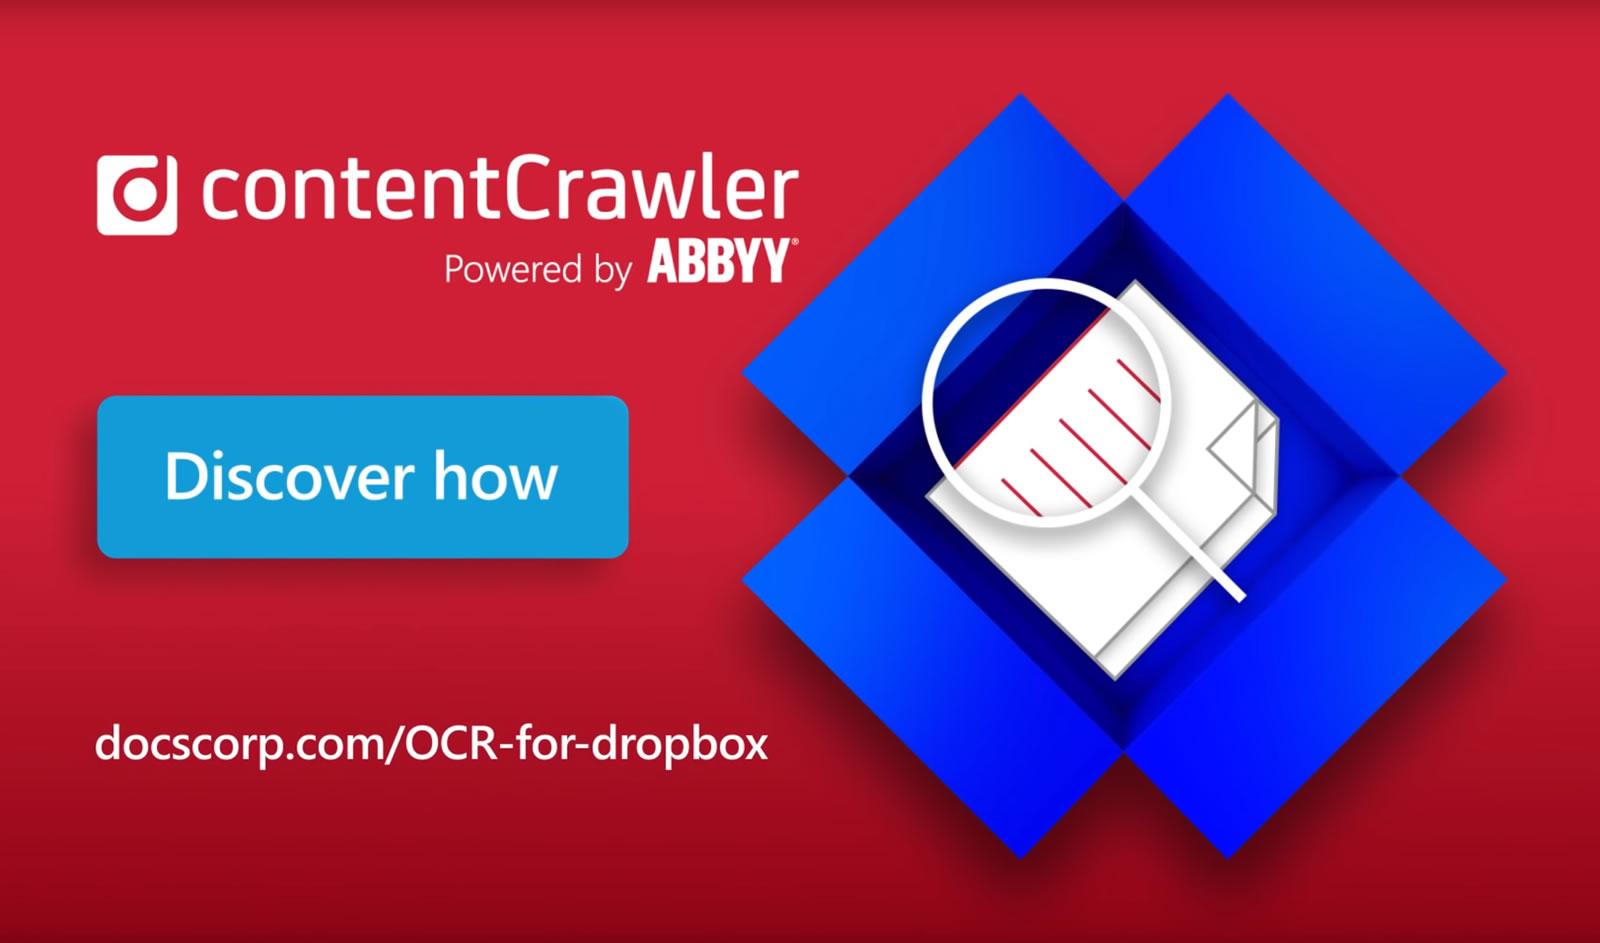 content crawler